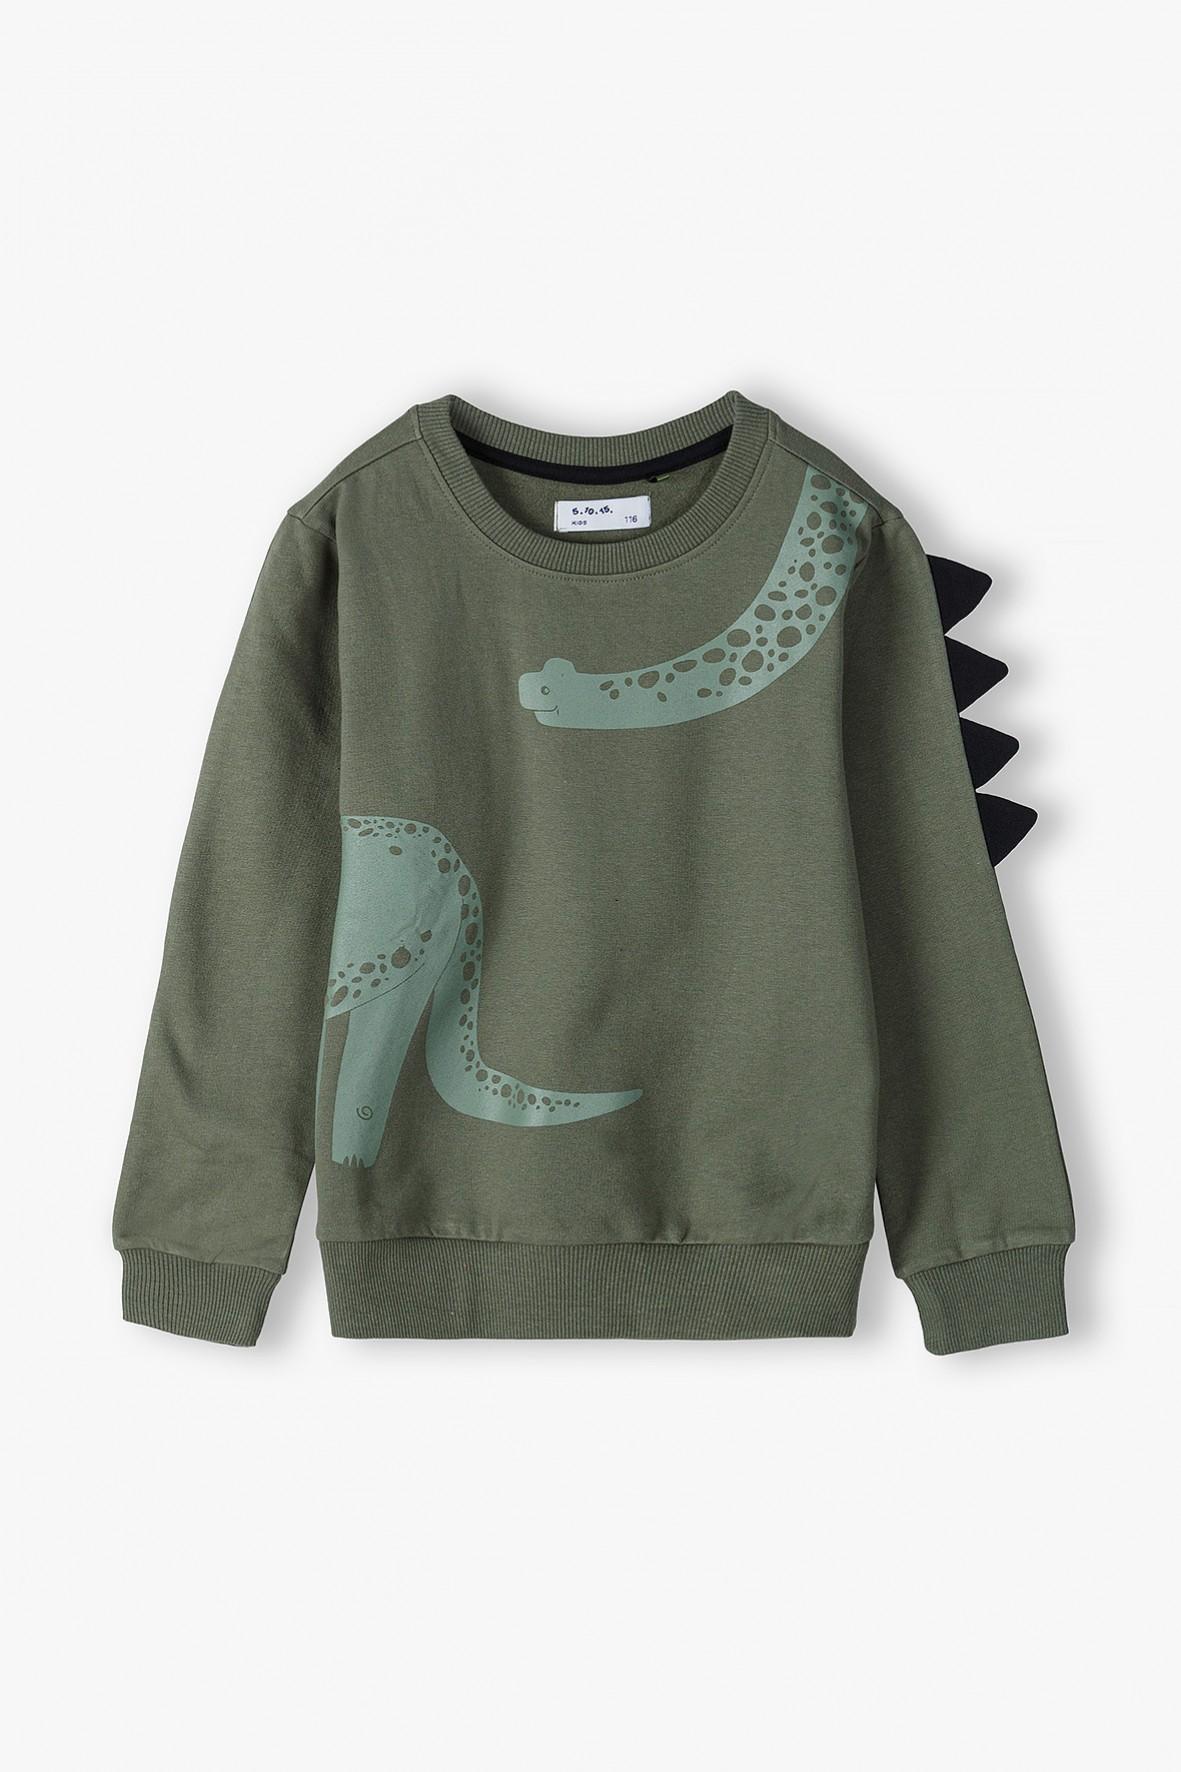 Bawełniana bluza chłopięca z elementem 3D- Dino